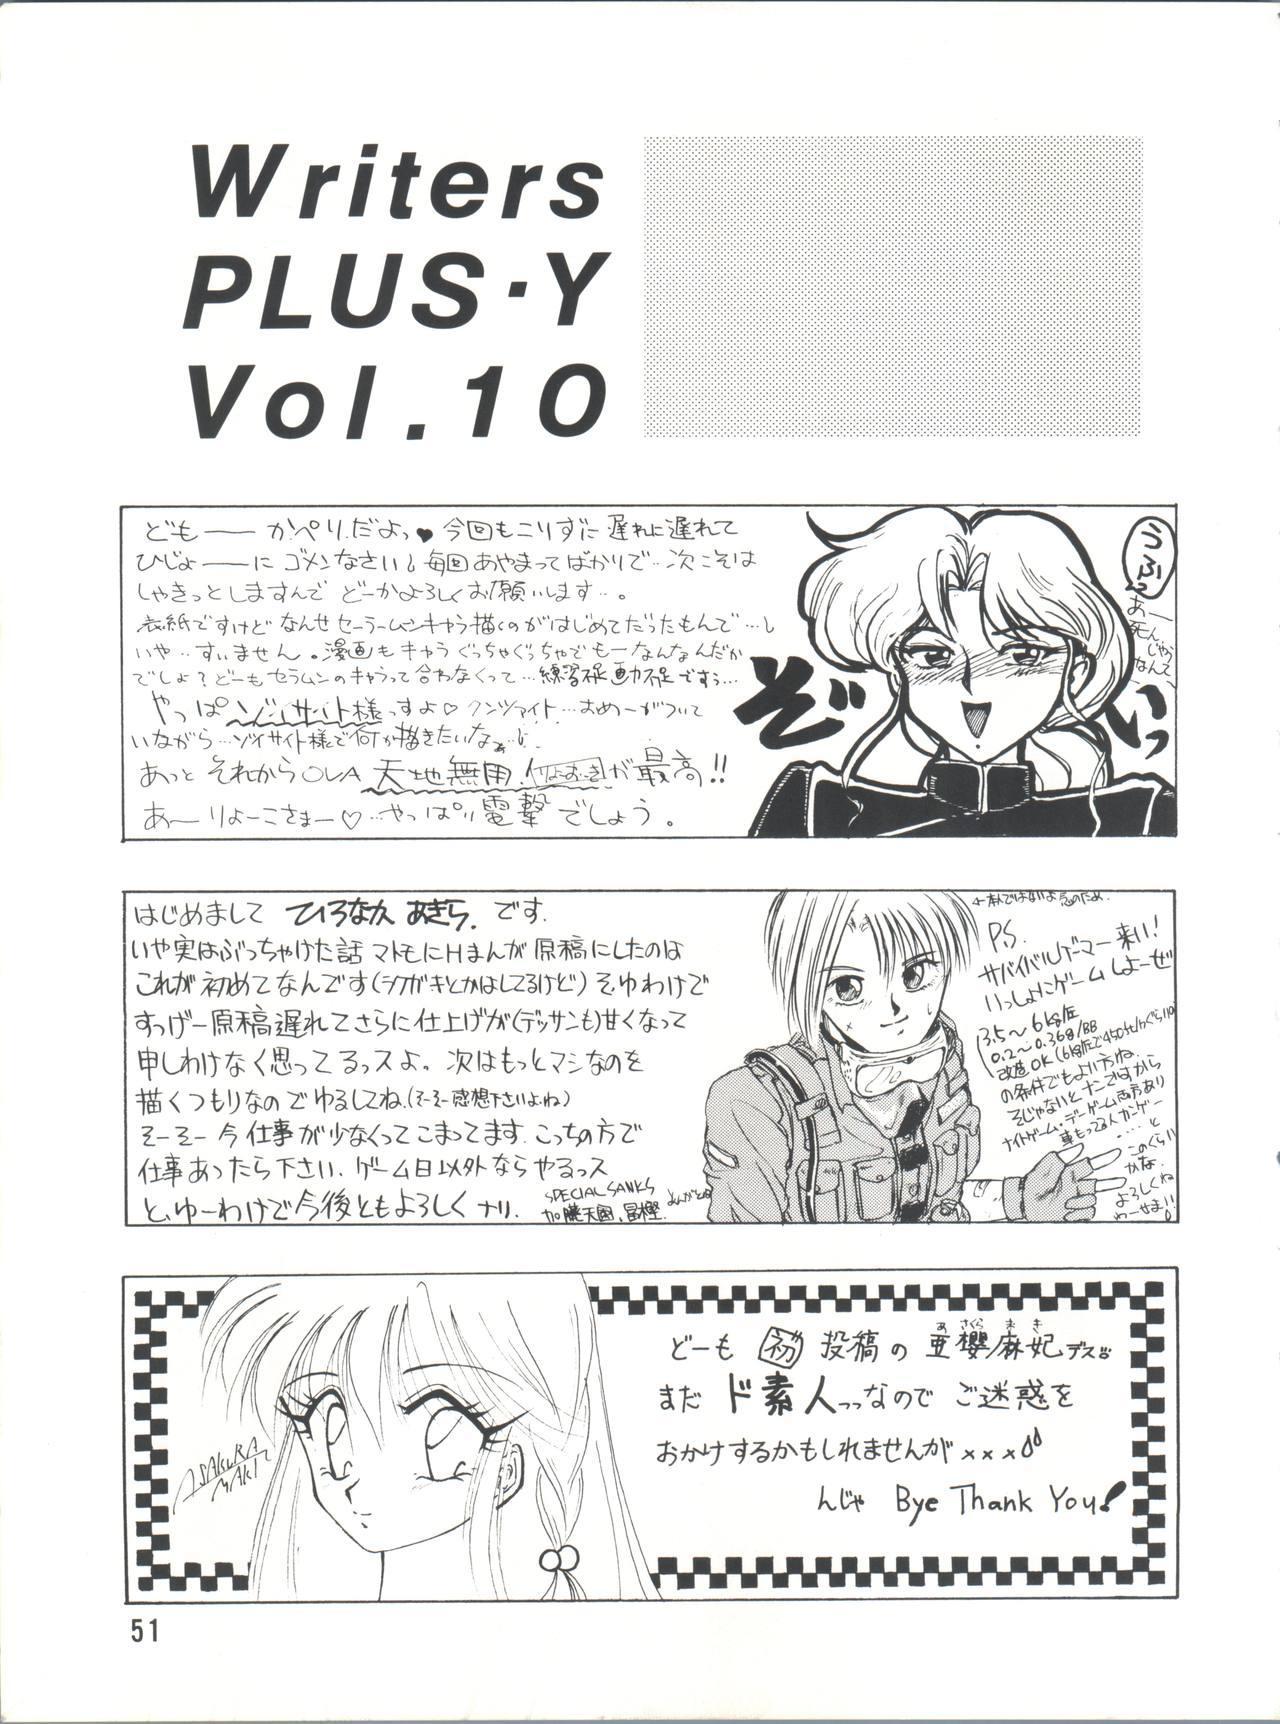 PLUS-Y Vol.10 50